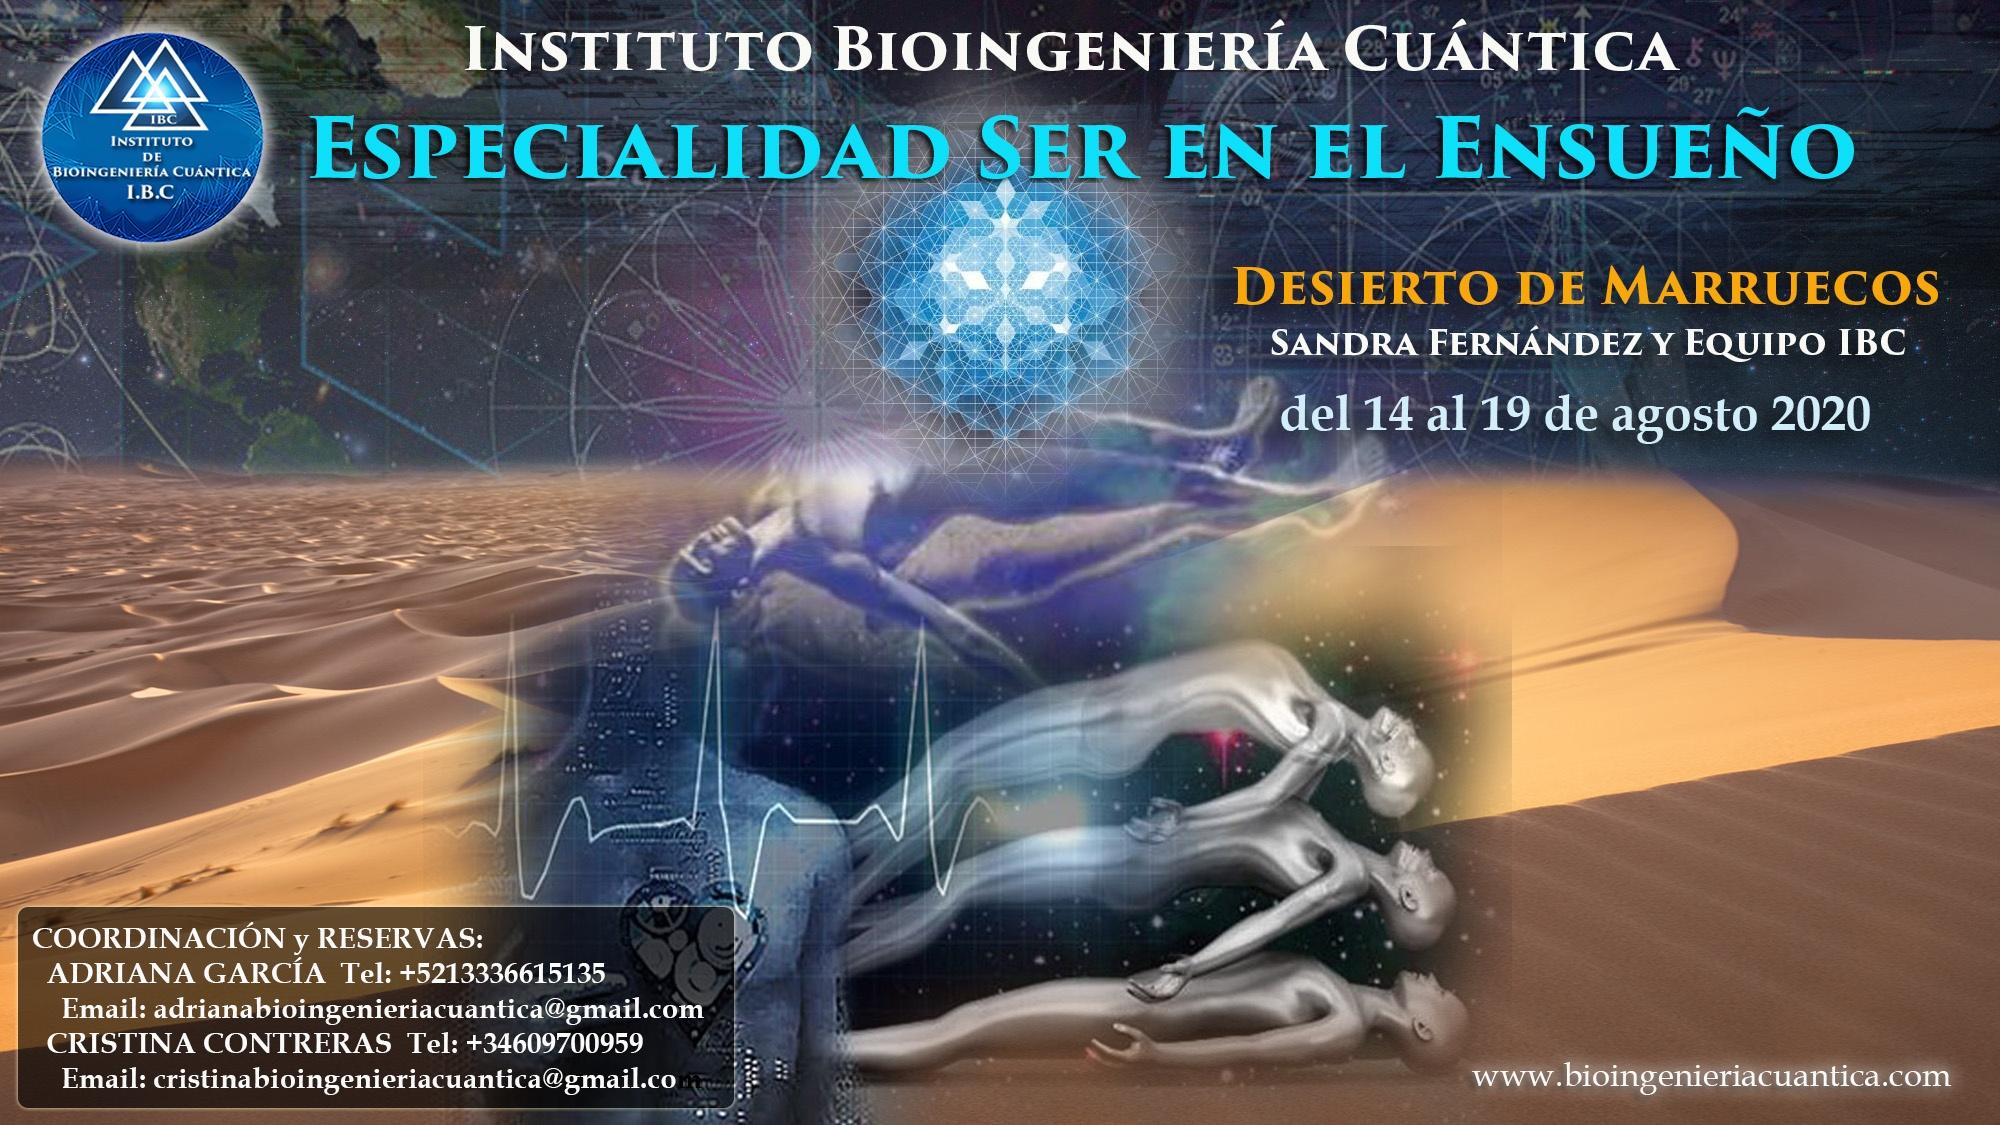 Especialidad Ser en el Ensueño con Sandra Fernández y Equipo IBC, del 14 al 19 de agosto 2020 en Merzouga, MARRUECOS